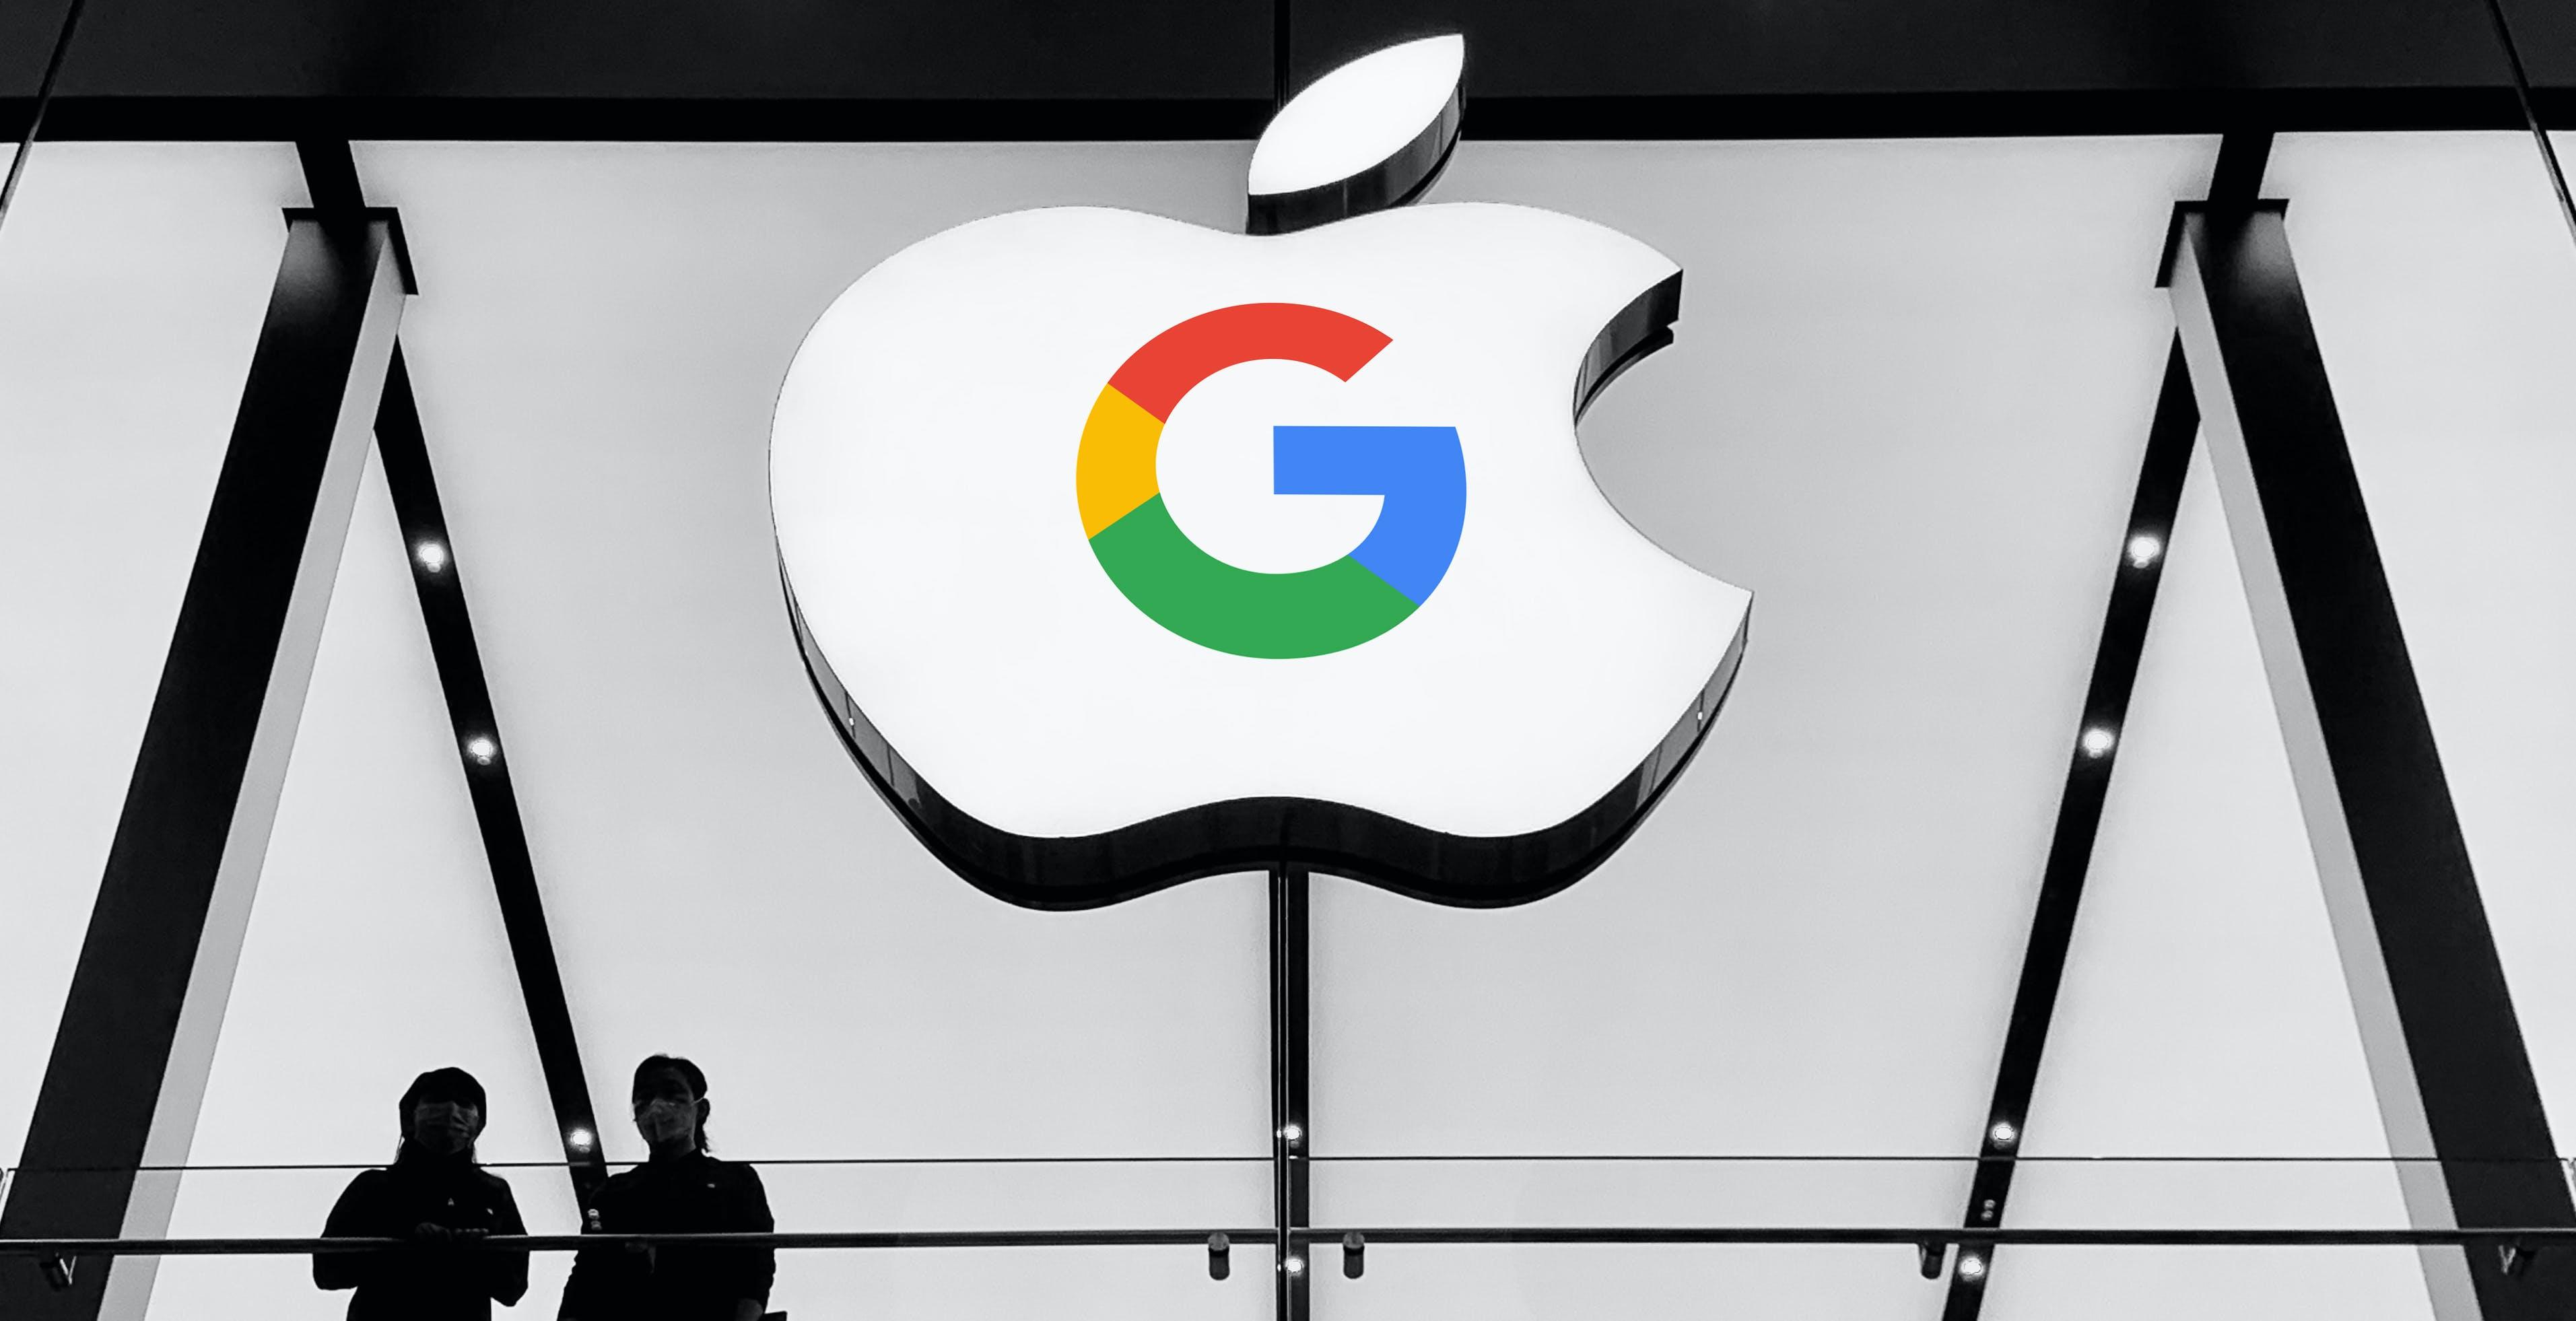 Gli utenti hanno speso 40 miliardi di dollari sull'App Store nei primi sei mesi del 2021. Il doppio rispetto al Play Store